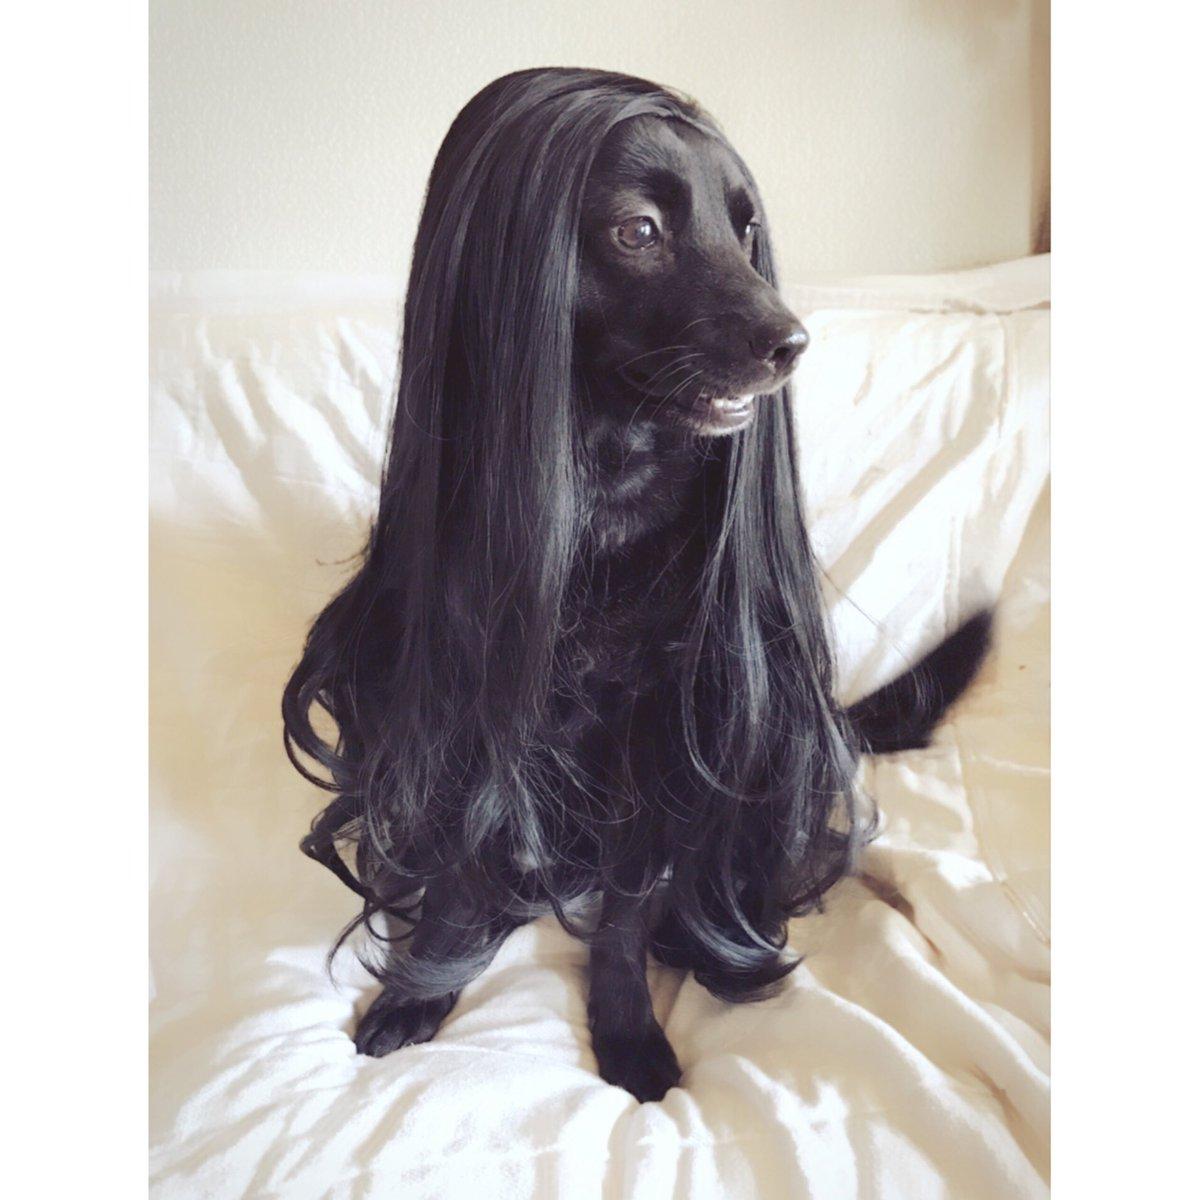 甲斐犬にウィッグ被せたら洋犬の雰囲気になった pic.twitter.com/6W17lFfZoF